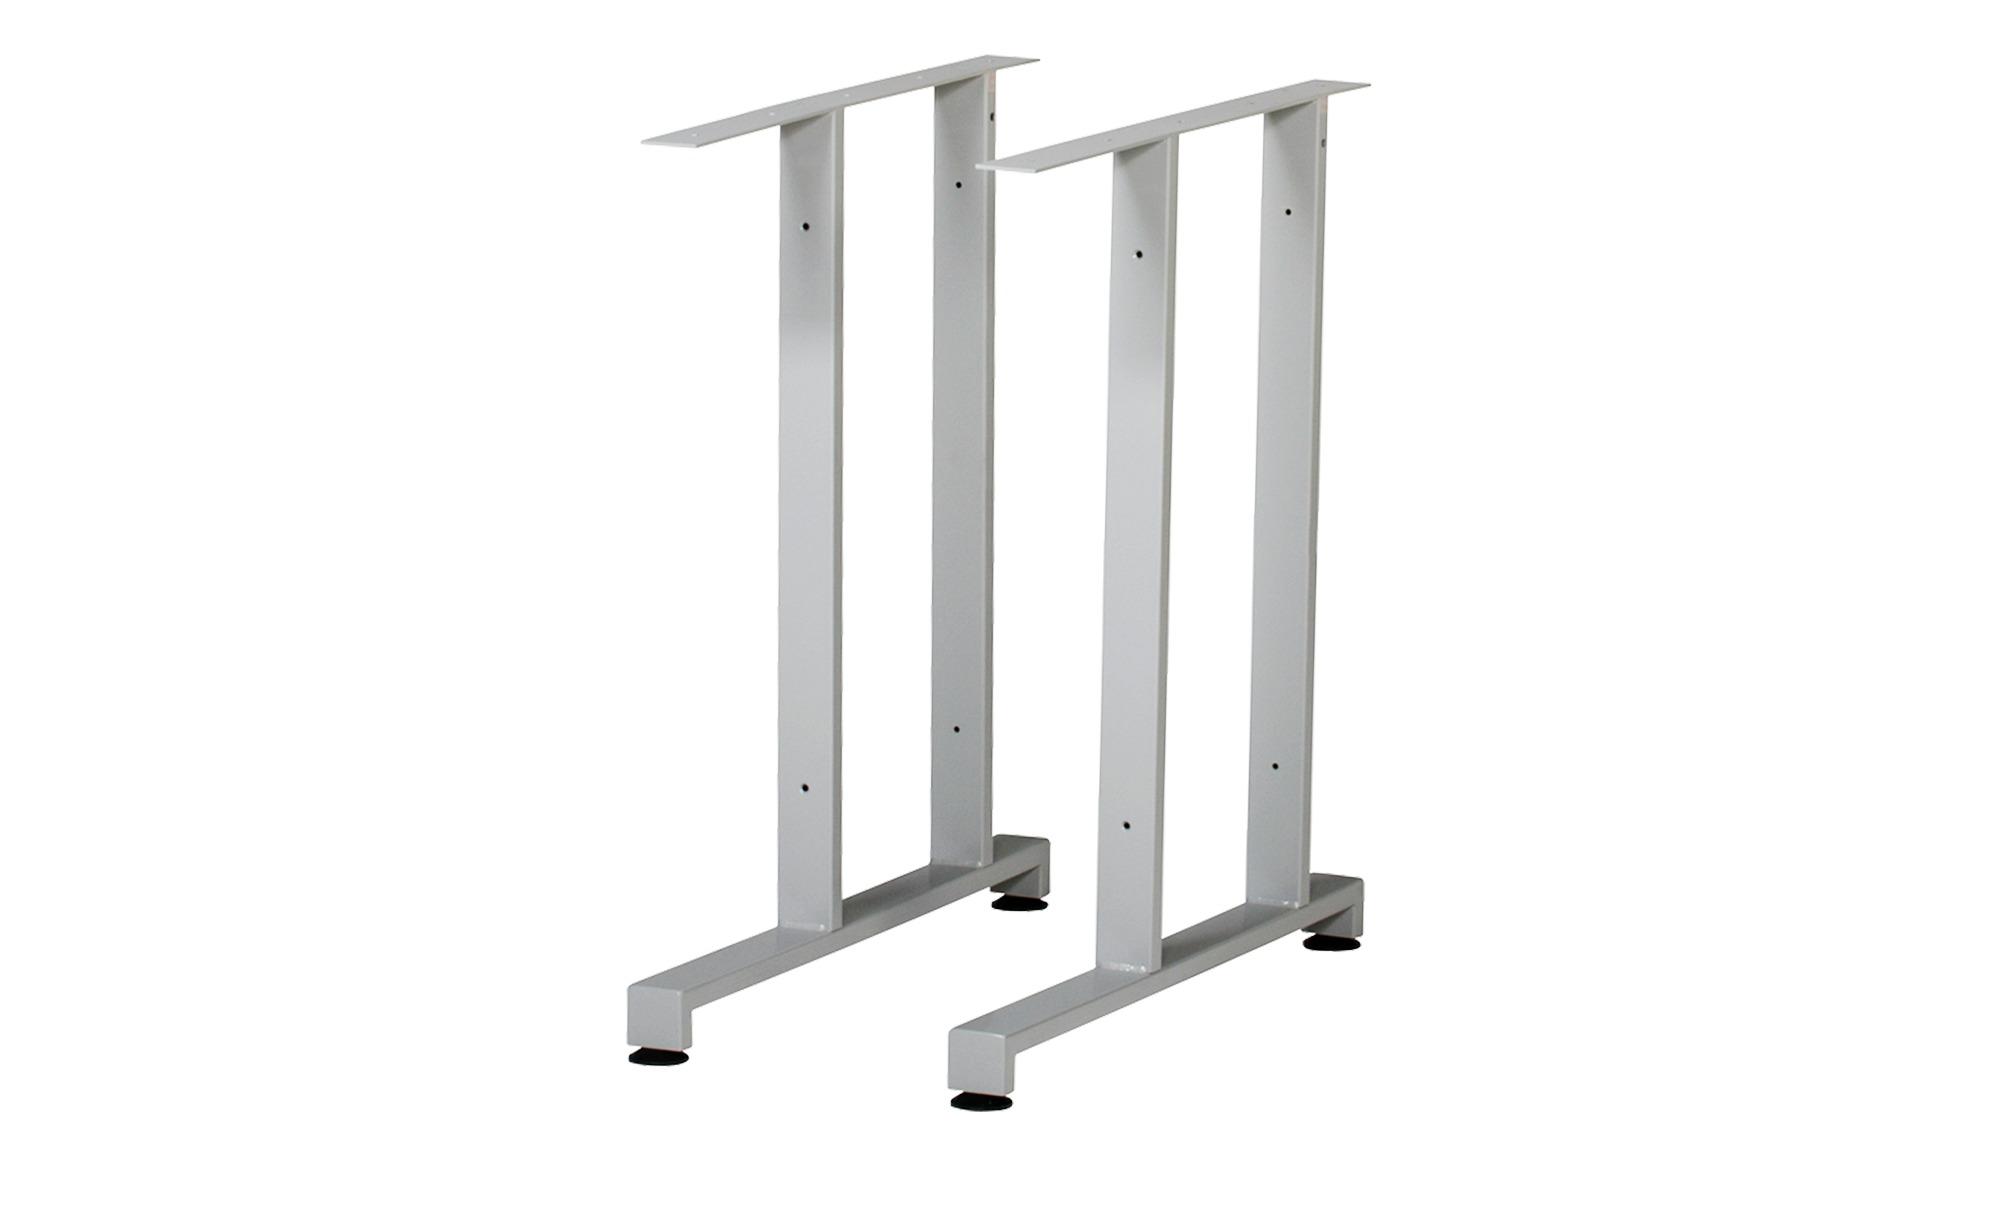 Metallfüße 2er-Set  Success ¦ silber ¦ Maße (cm): H: 75 Tische > Tischbeine - Höffner | Wohnzimmer > Tische > Weitere Tische | Silber | Metall | Möbel Höffner DE